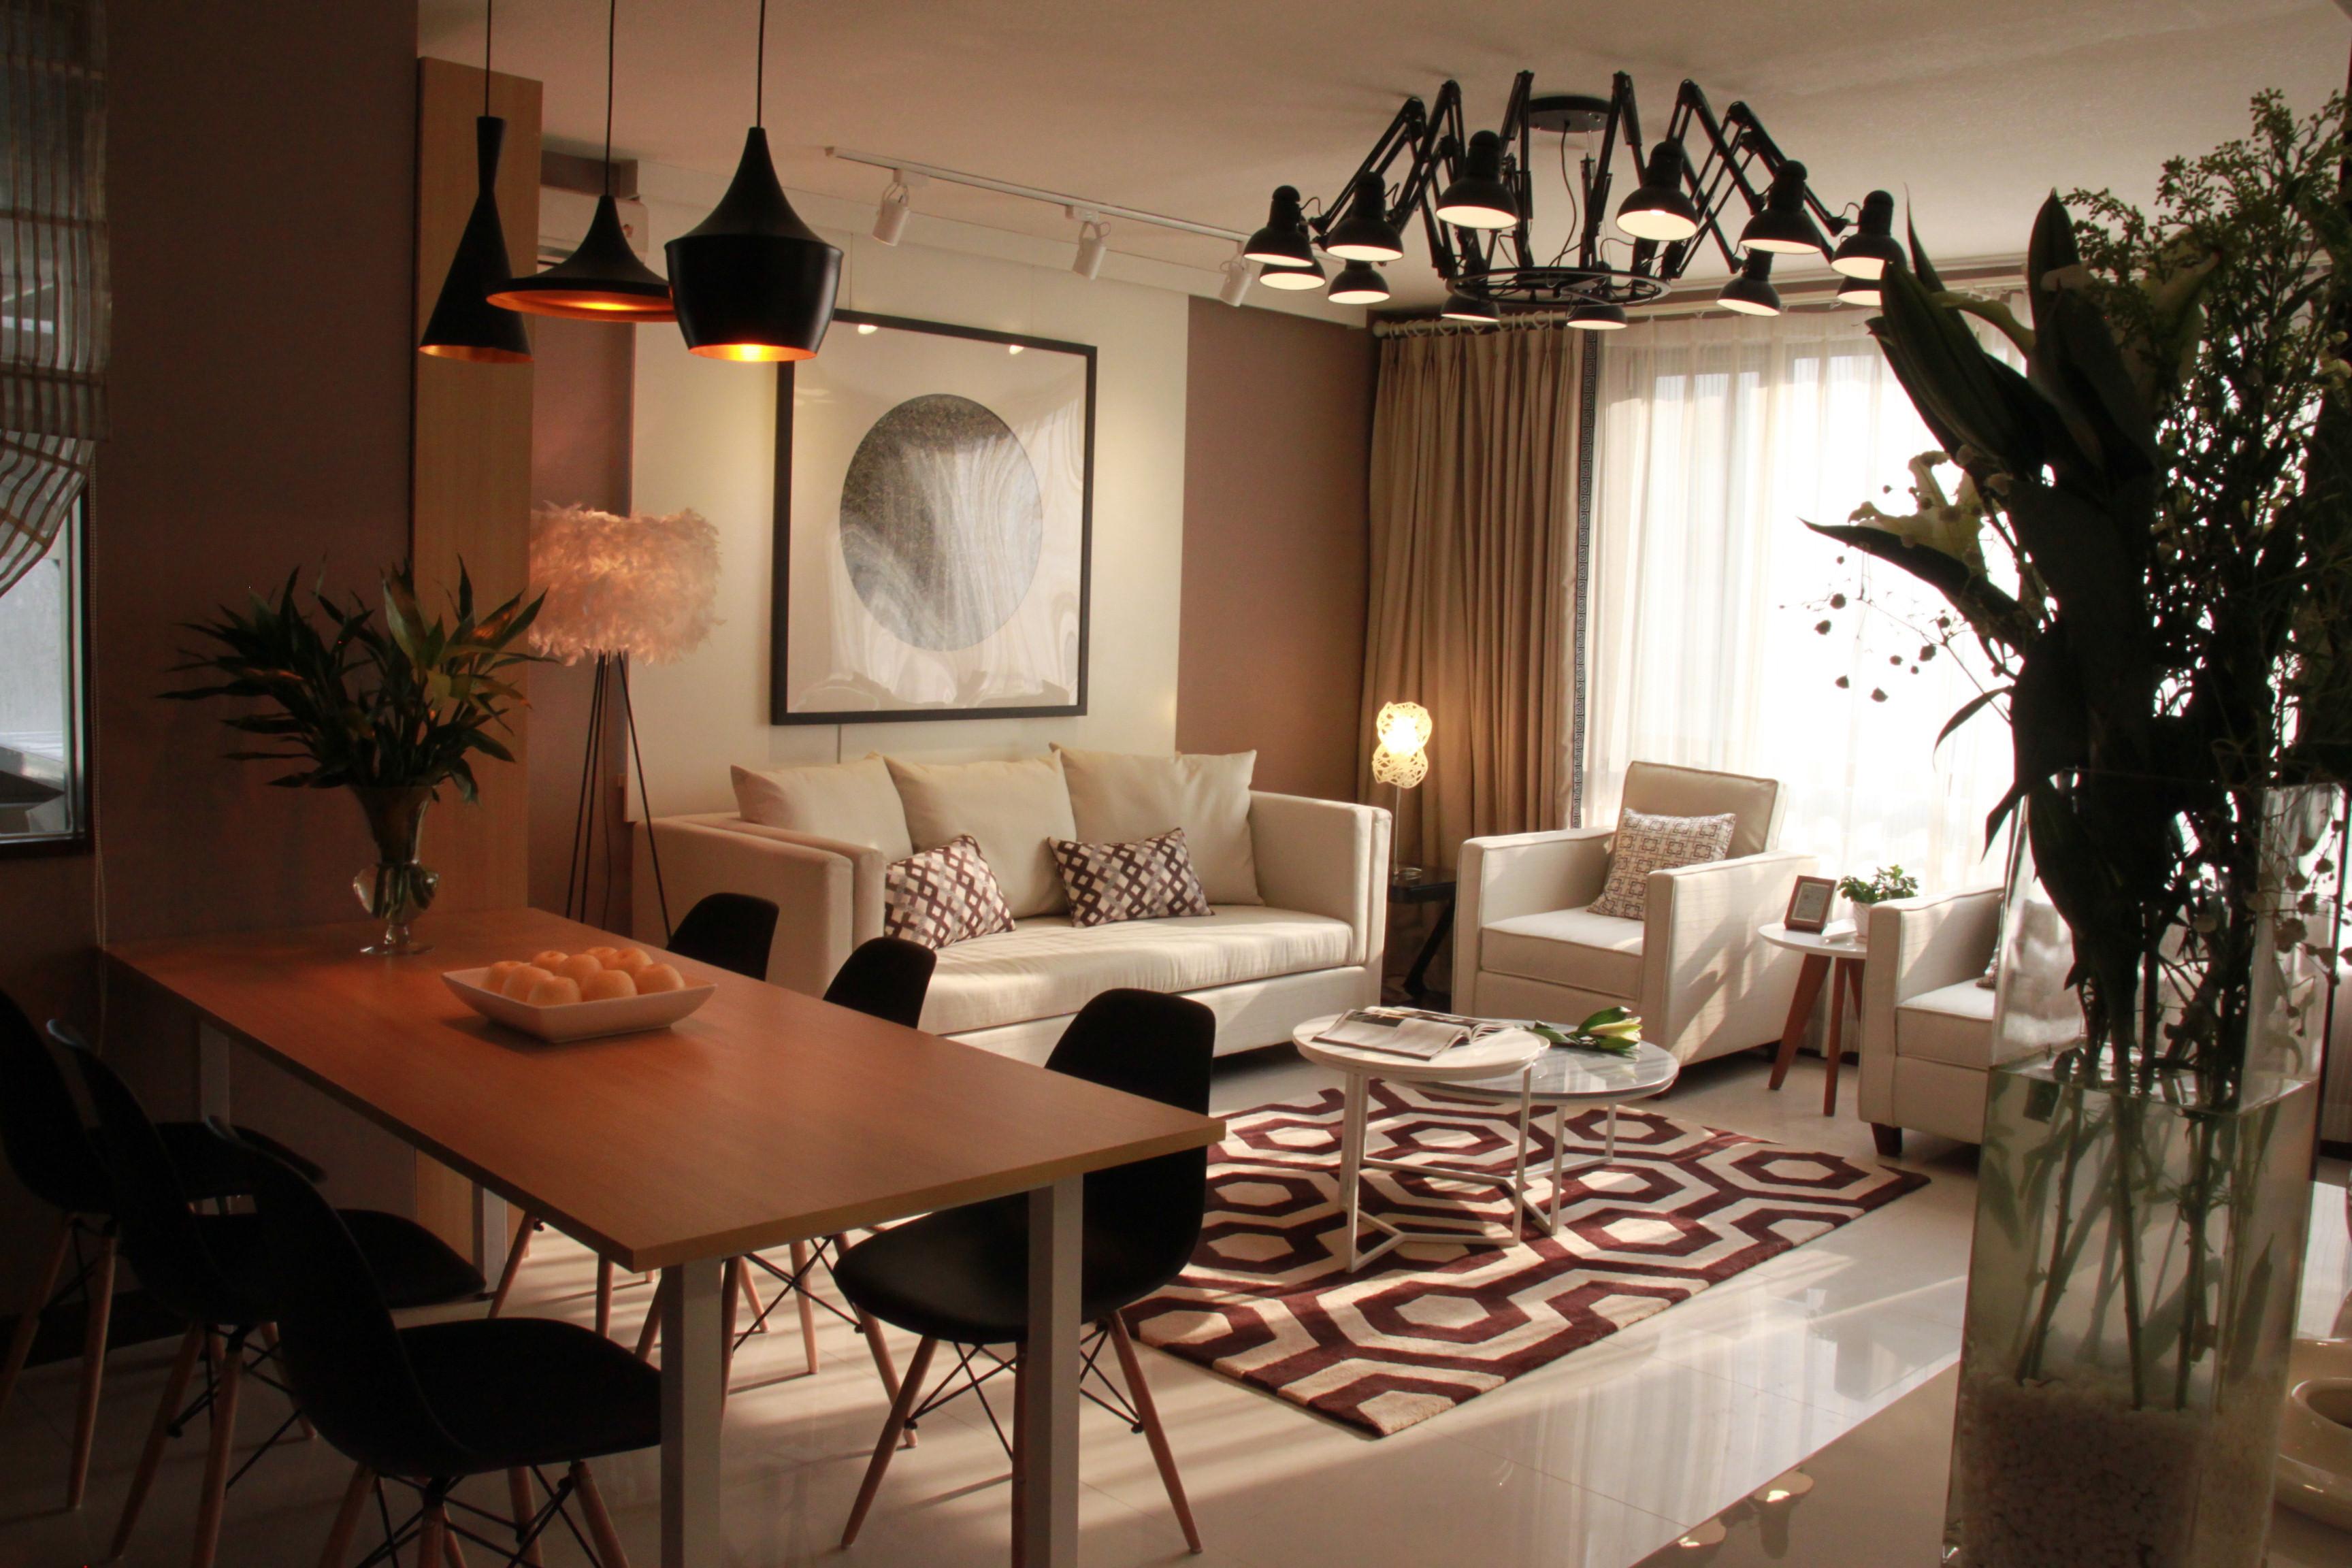 简约小户型一居室装修吊灯设计